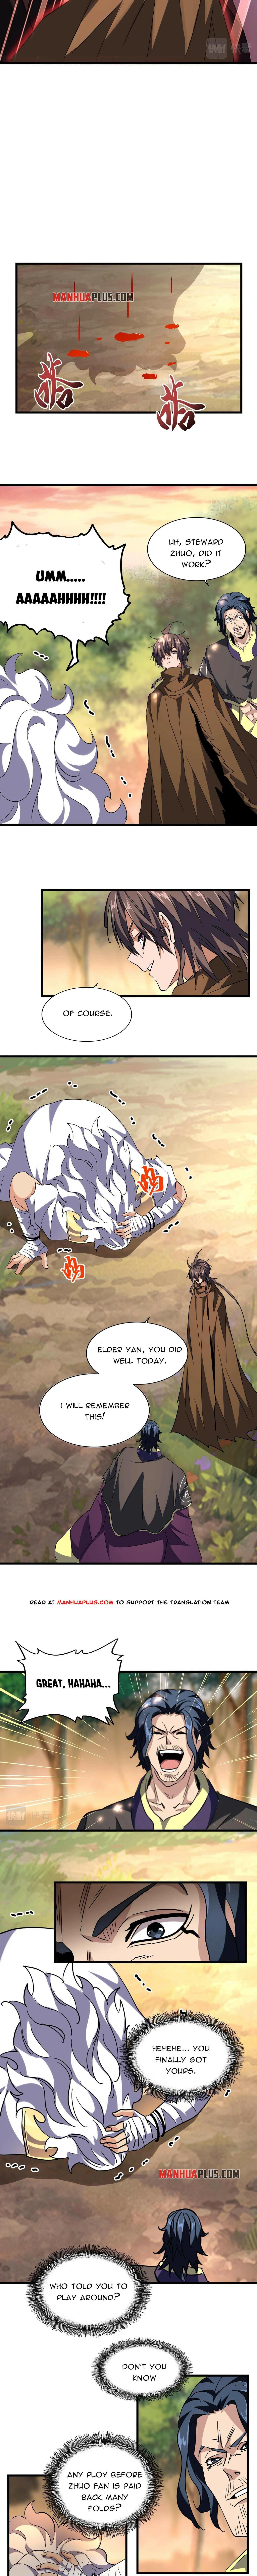 Magic Emperor Chapter 216 page 4 - Mangakakalot